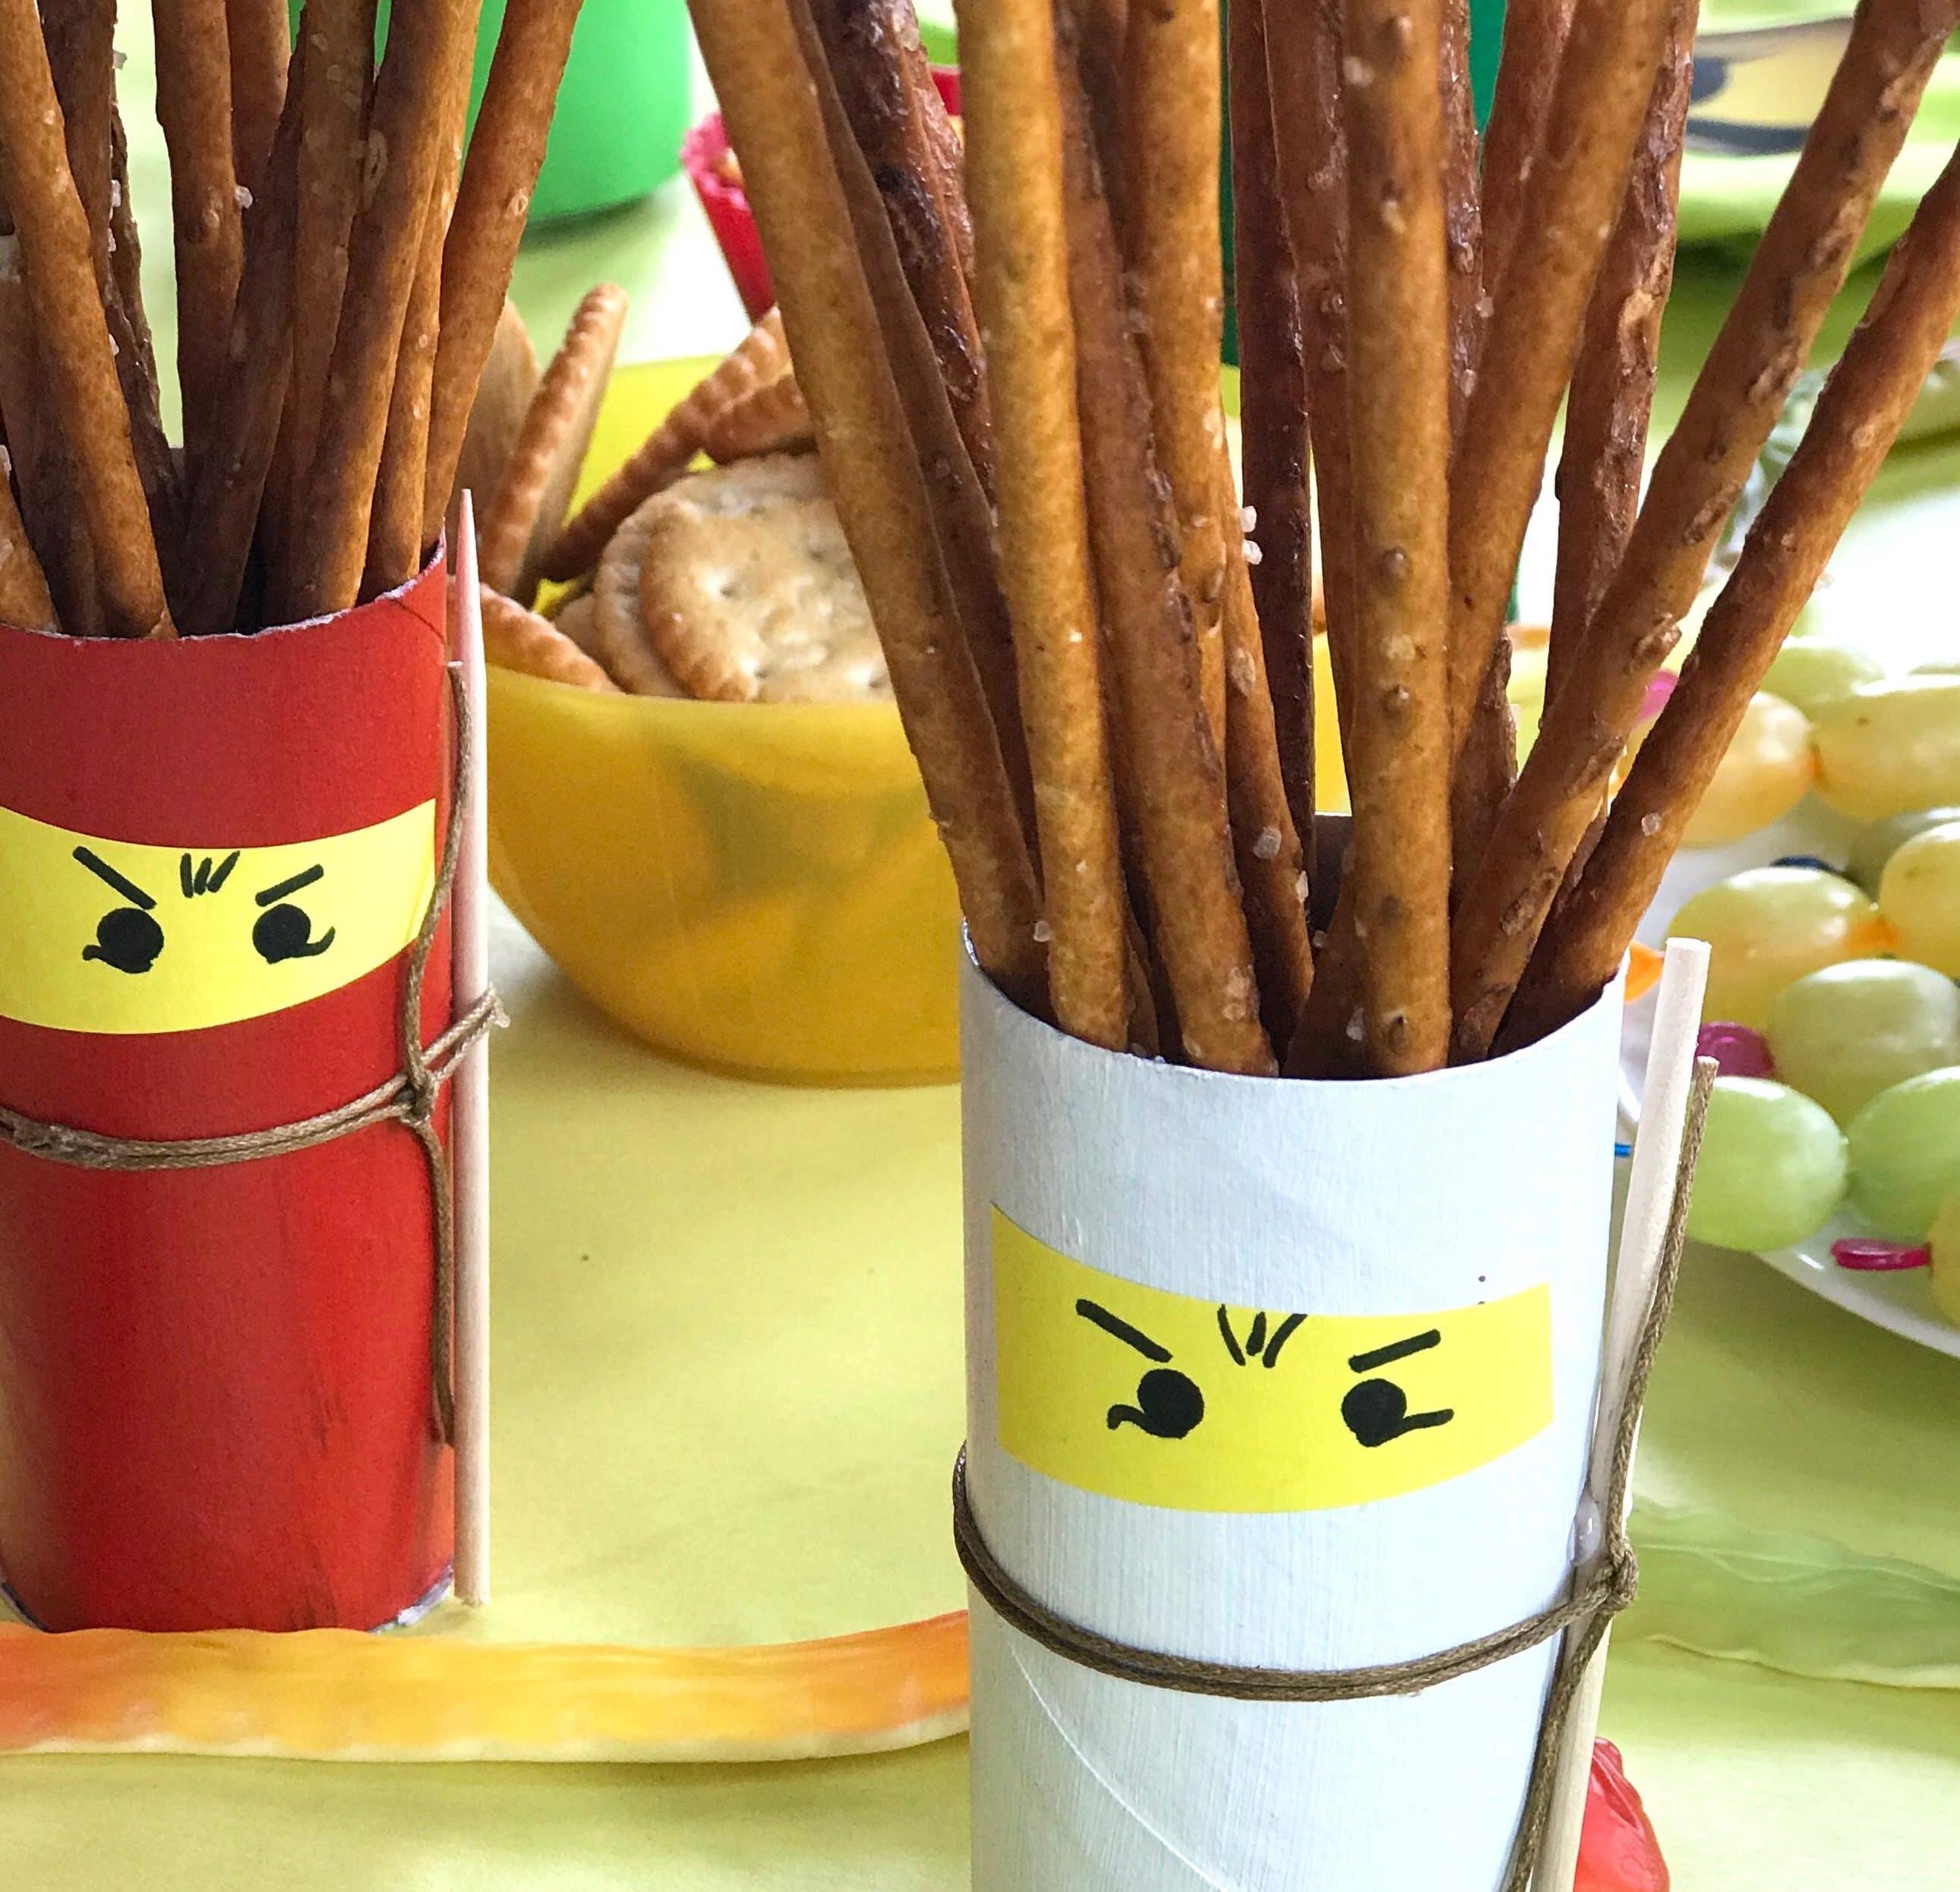 ninja-geburtstag-deko-aus-klorollen-selbermachen-upcycling-kindergeburtstag-nachhaltige-feiern